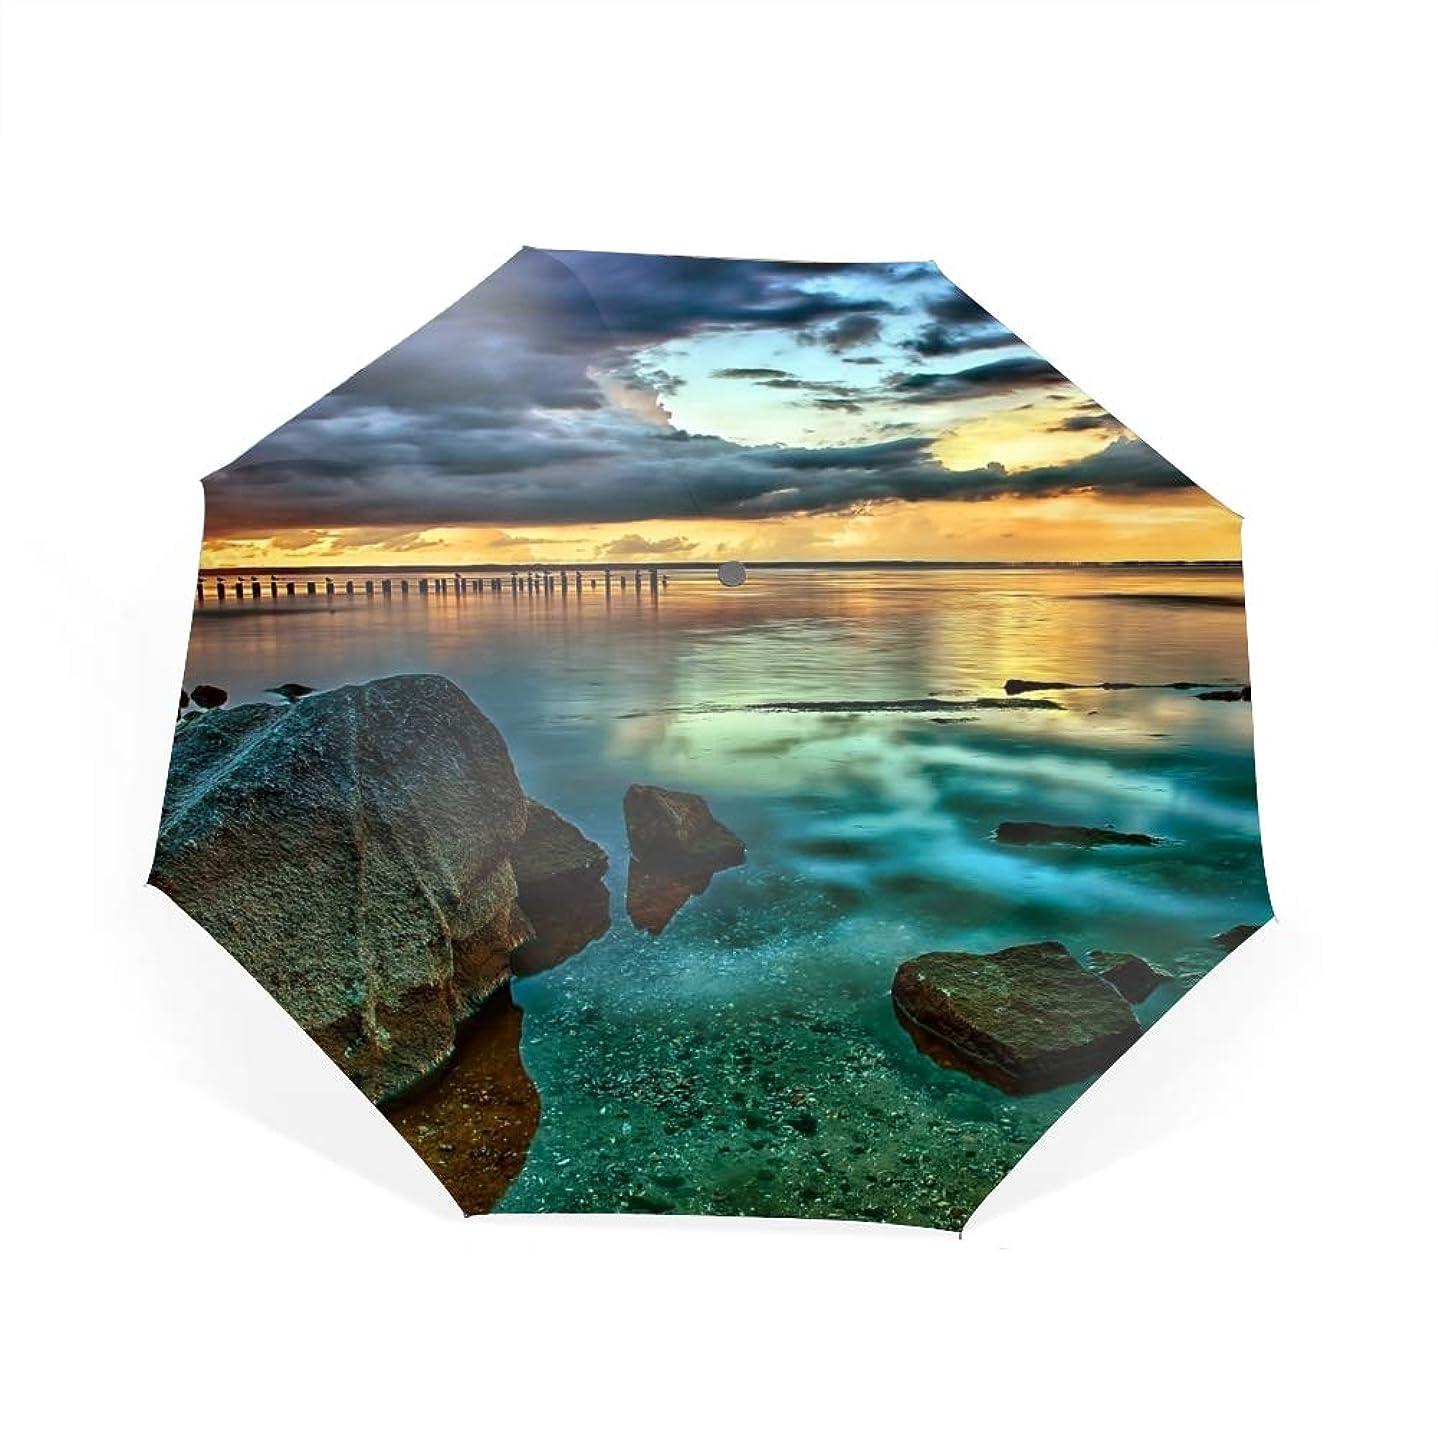 チキンすすり泣き通常日没自動開閉折り畳み傘 2重構造 耐風撥水8本骨 男女兼用 丈夫 大型 大きな傘 梅雨対策 収納ポーチ付き